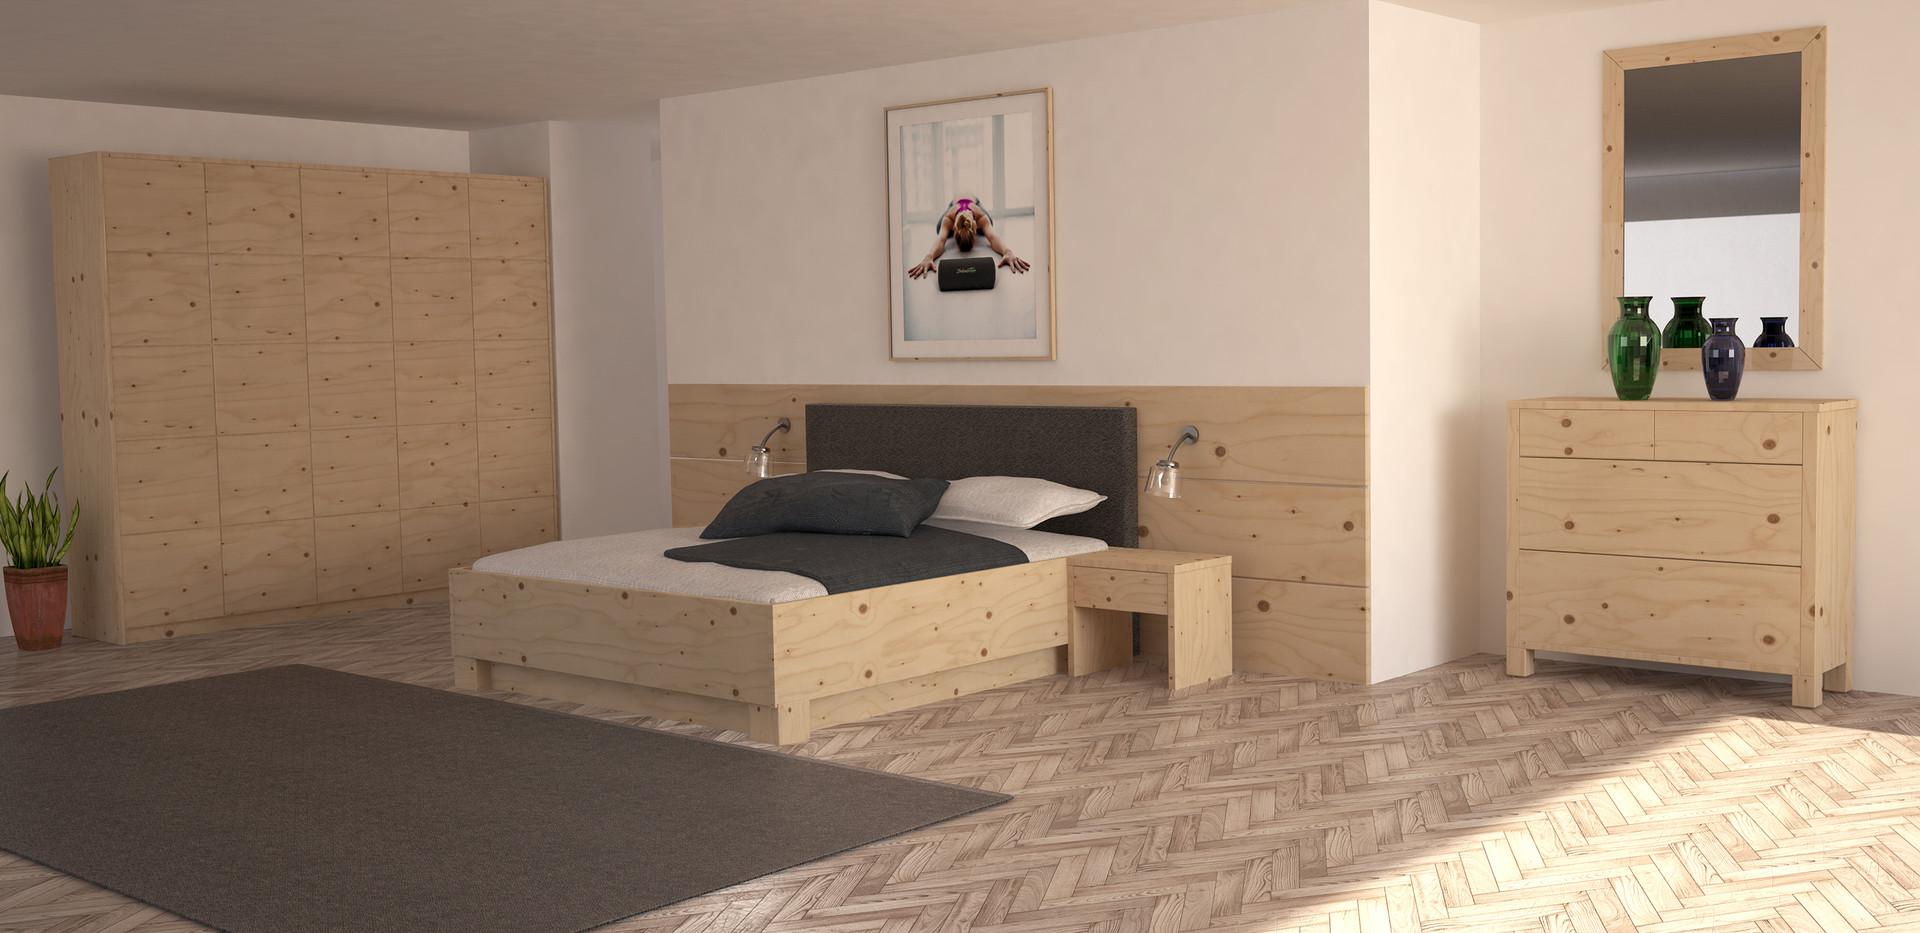 bedroomscene022017.jpg